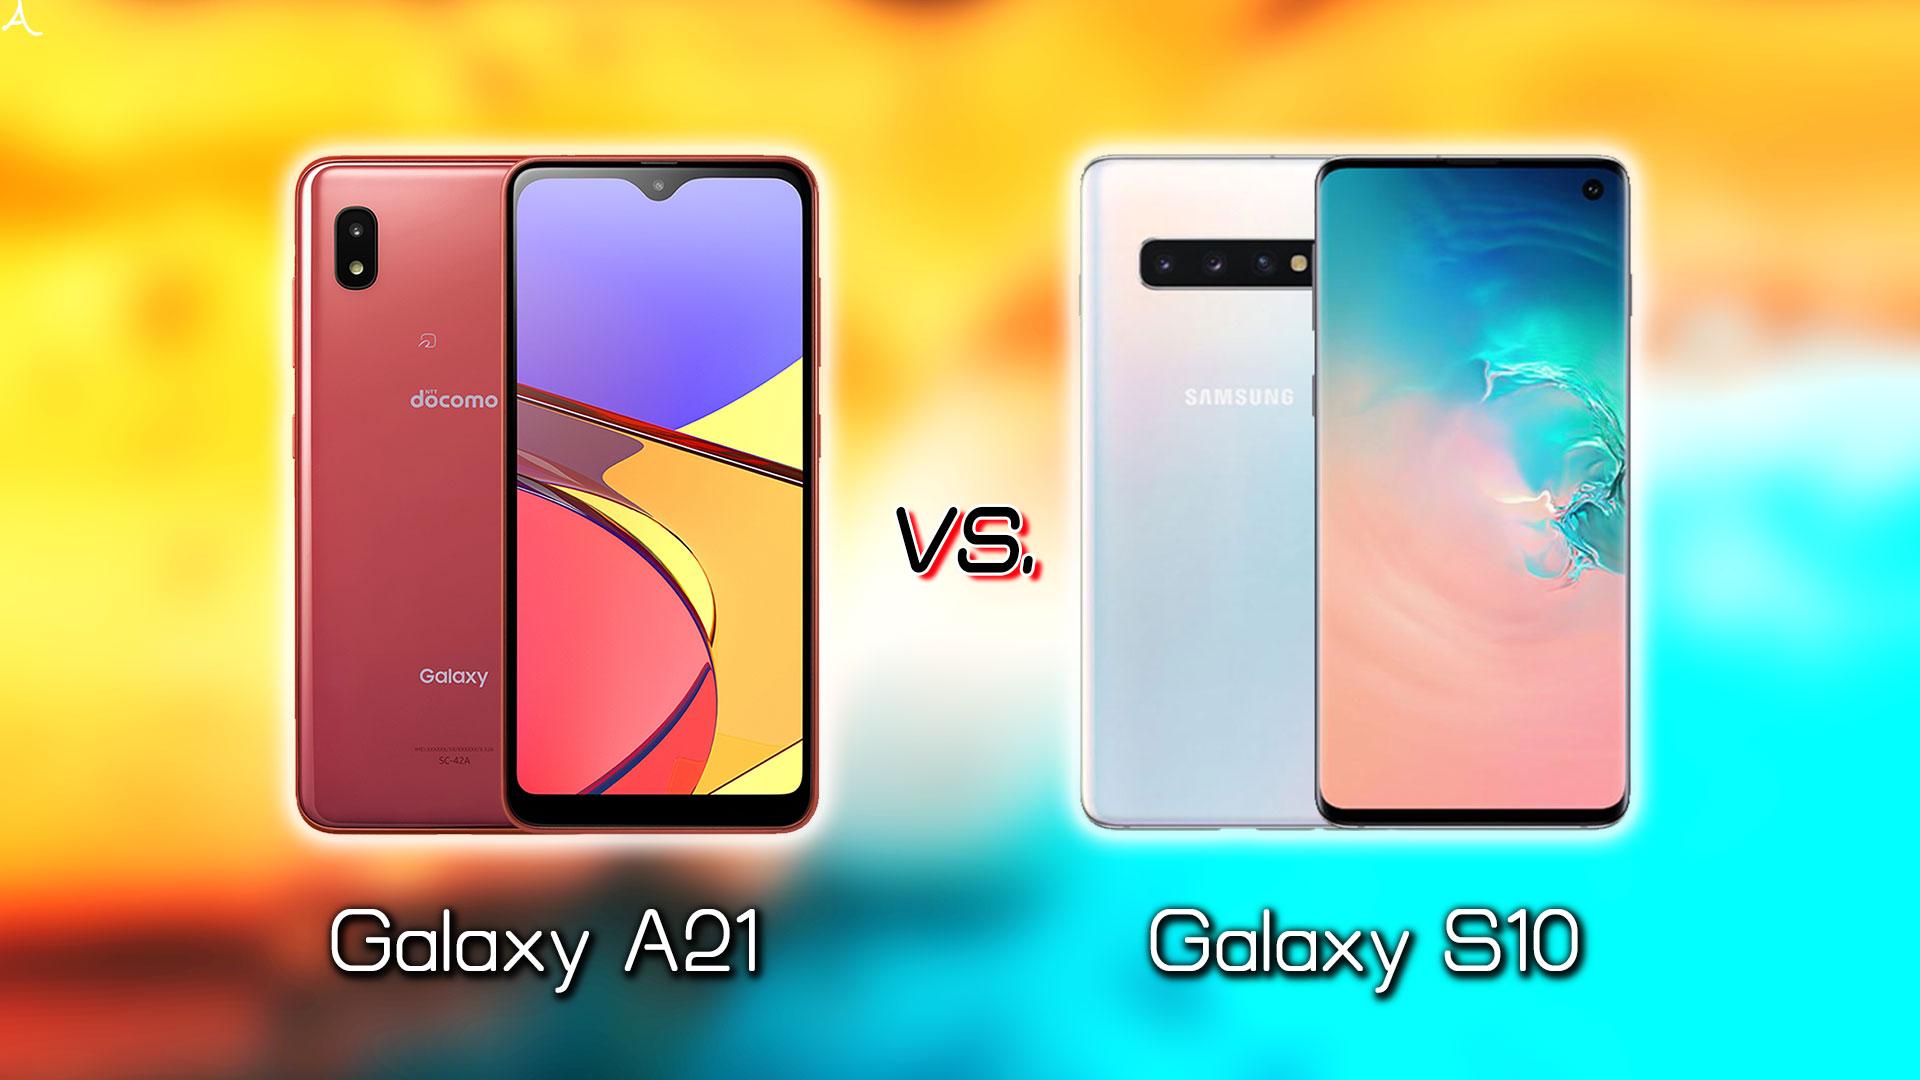 「Galaxy A21」と「Galaxy S10」の違いを比較:どっちを買う?